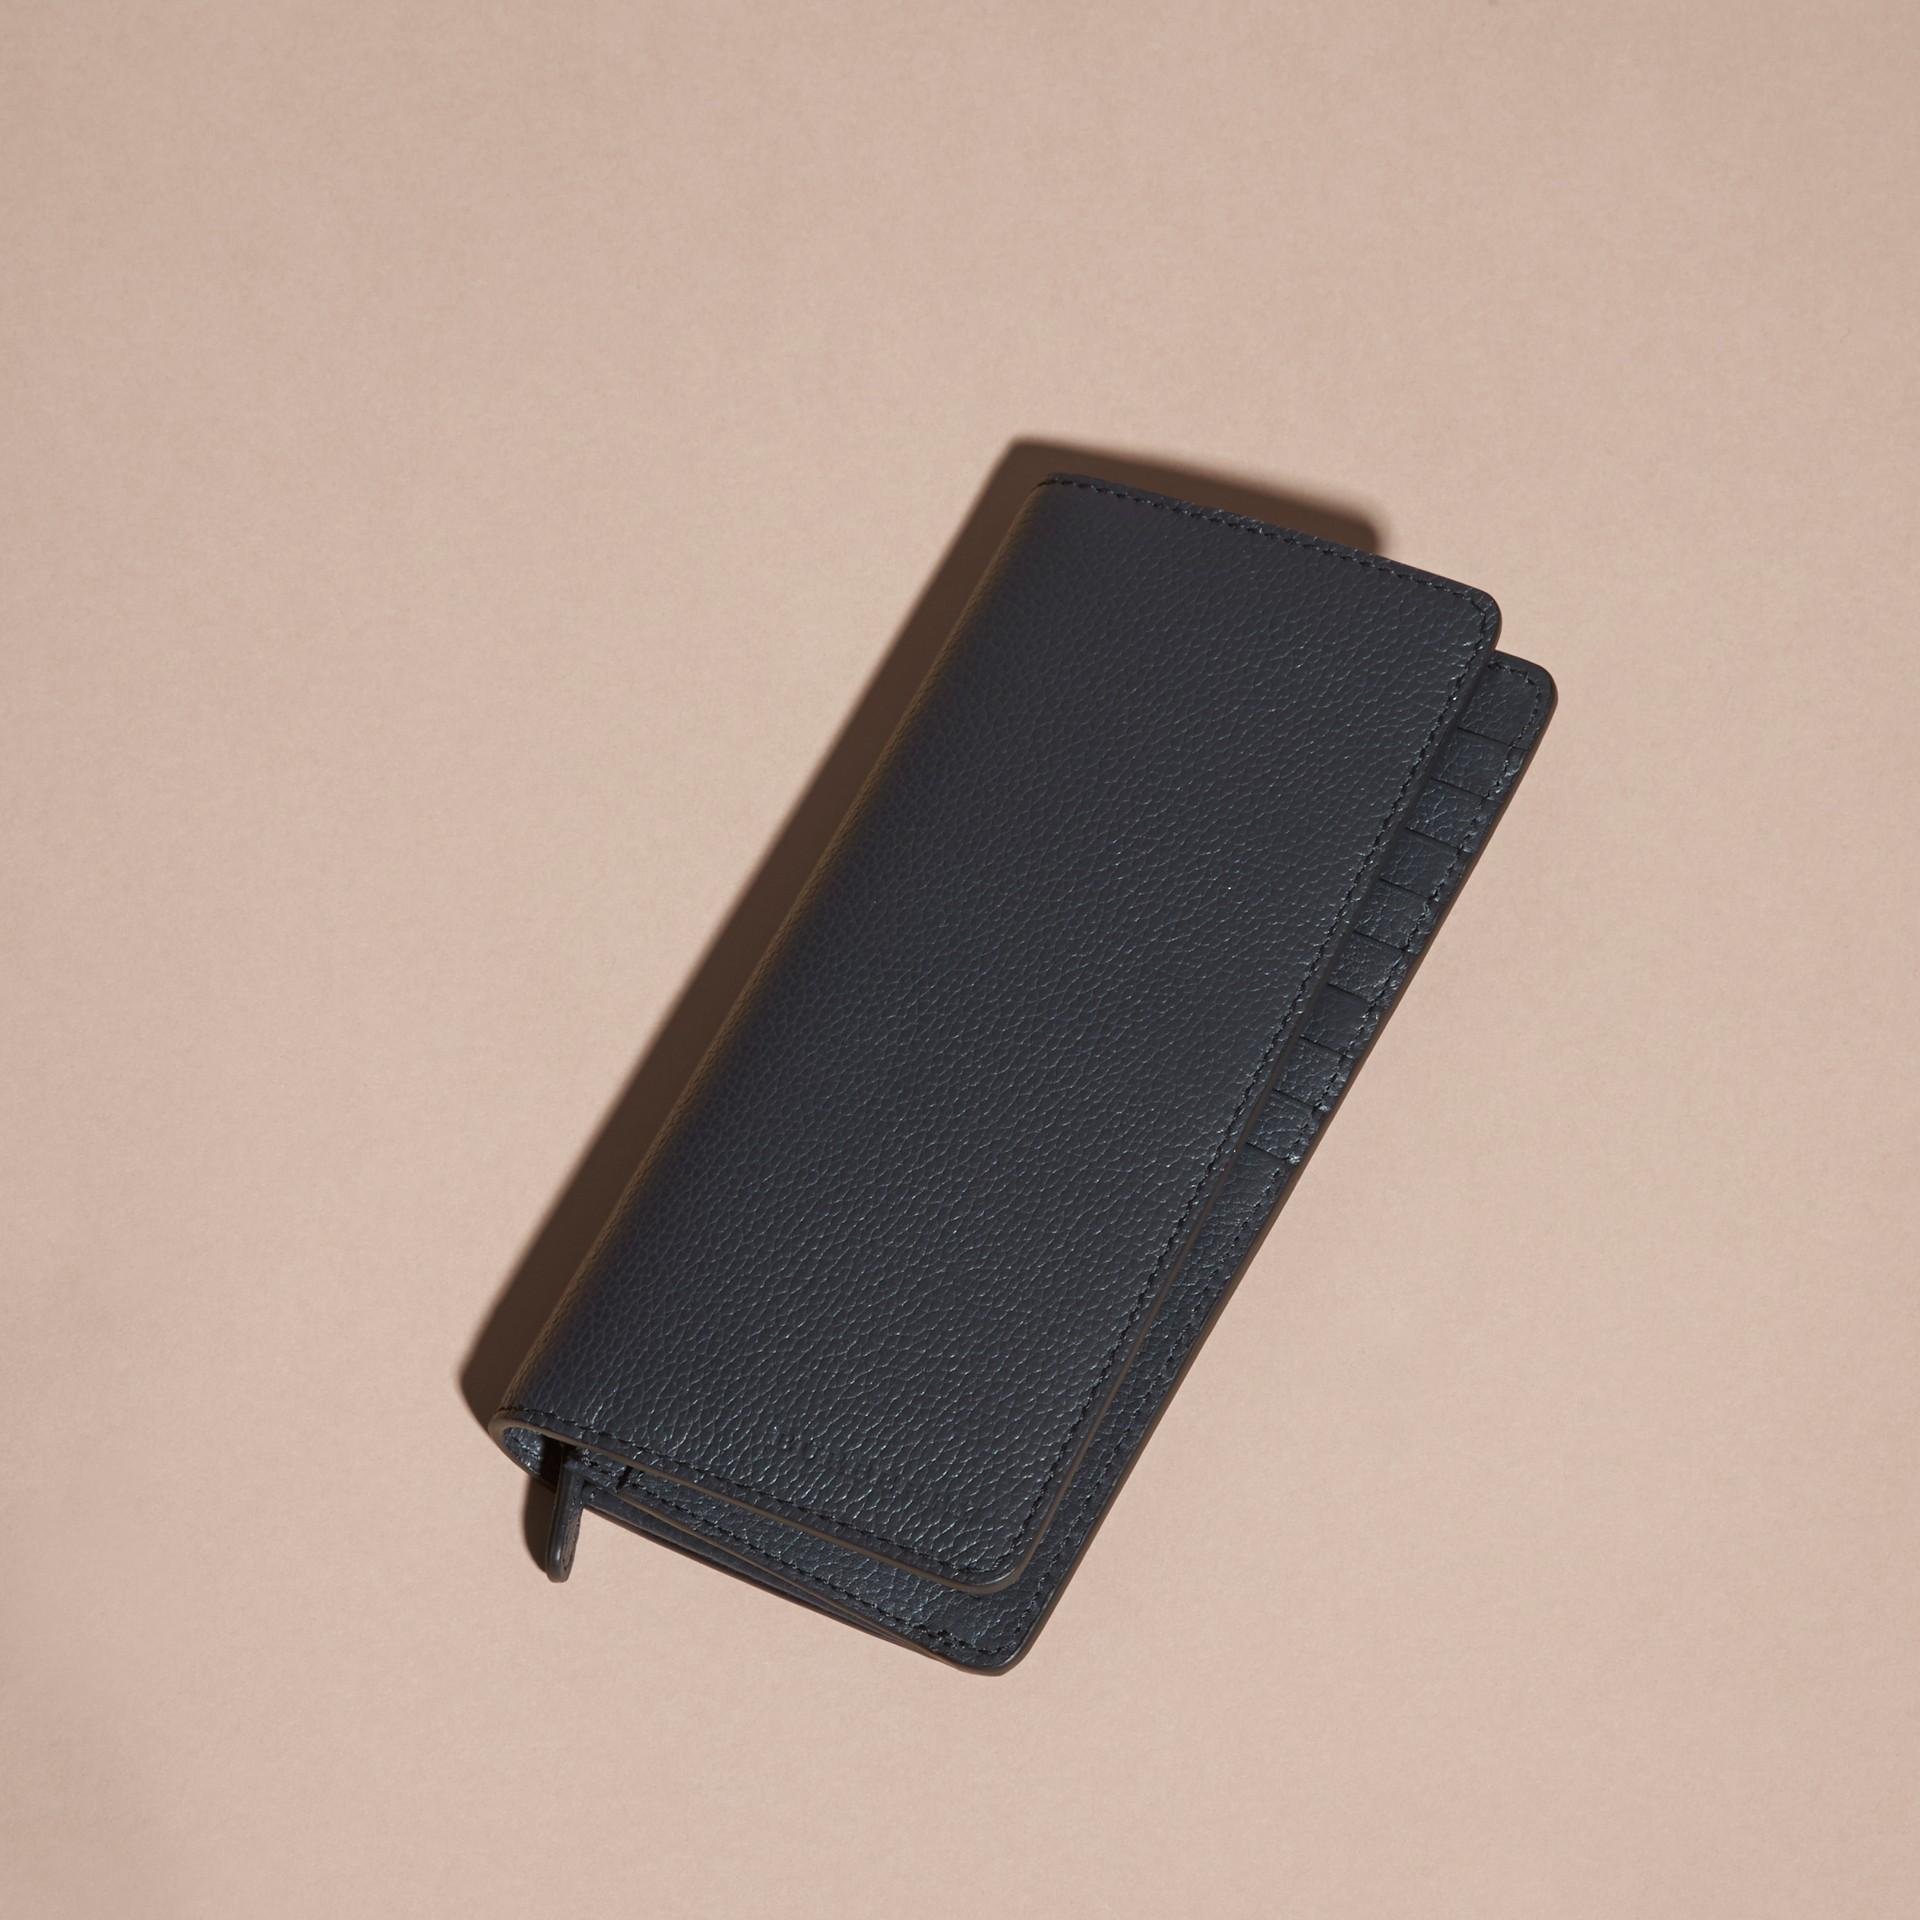 Dunkles zinnblau Brieftasche im Kontinentalformat aus genarbtem Leder Dunkles Zinnblau - Galerie-Bild 3